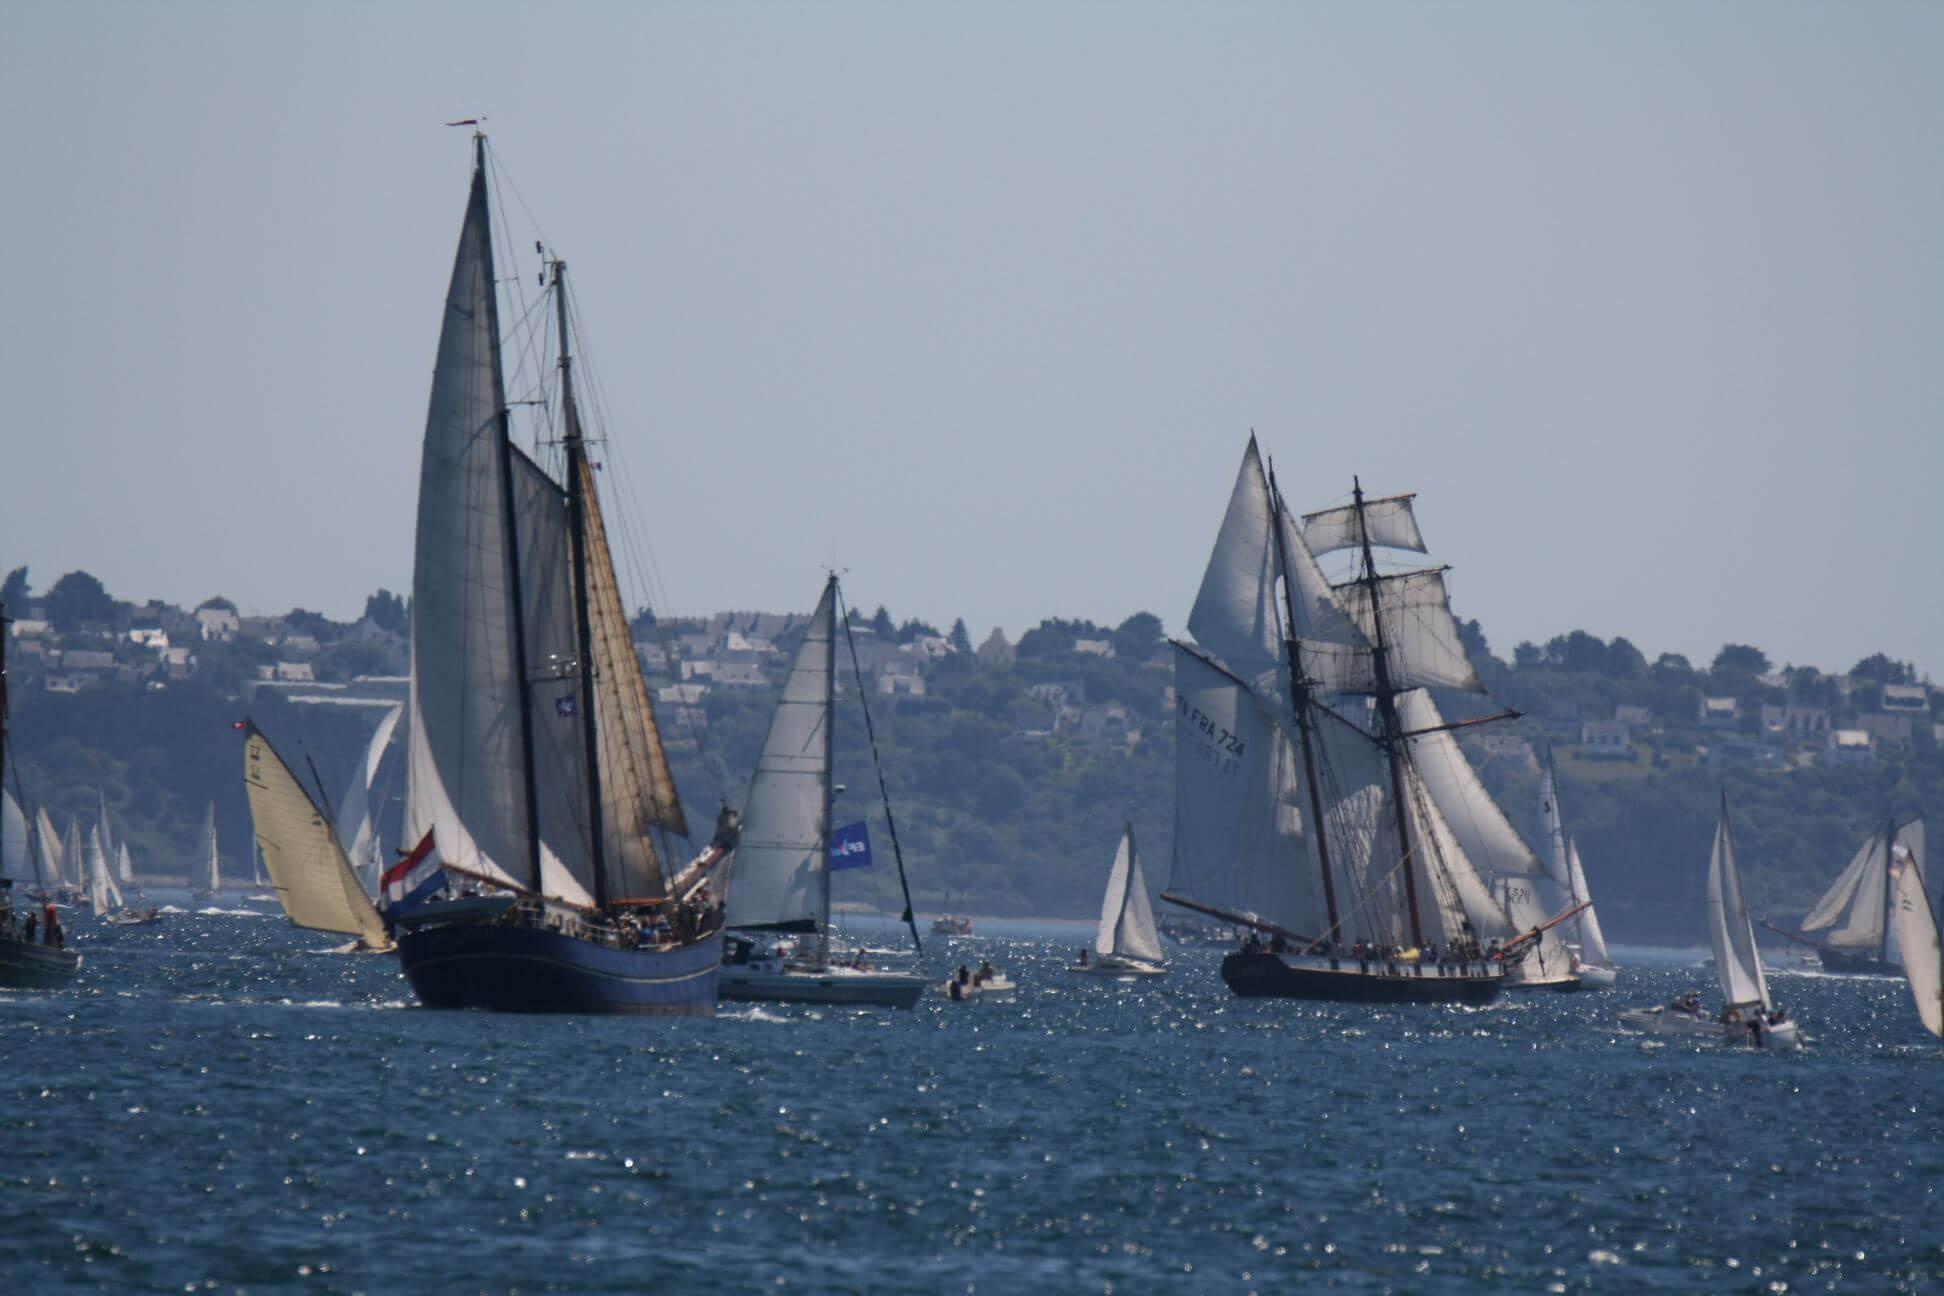 Fêtes maritimes de Brest 2016